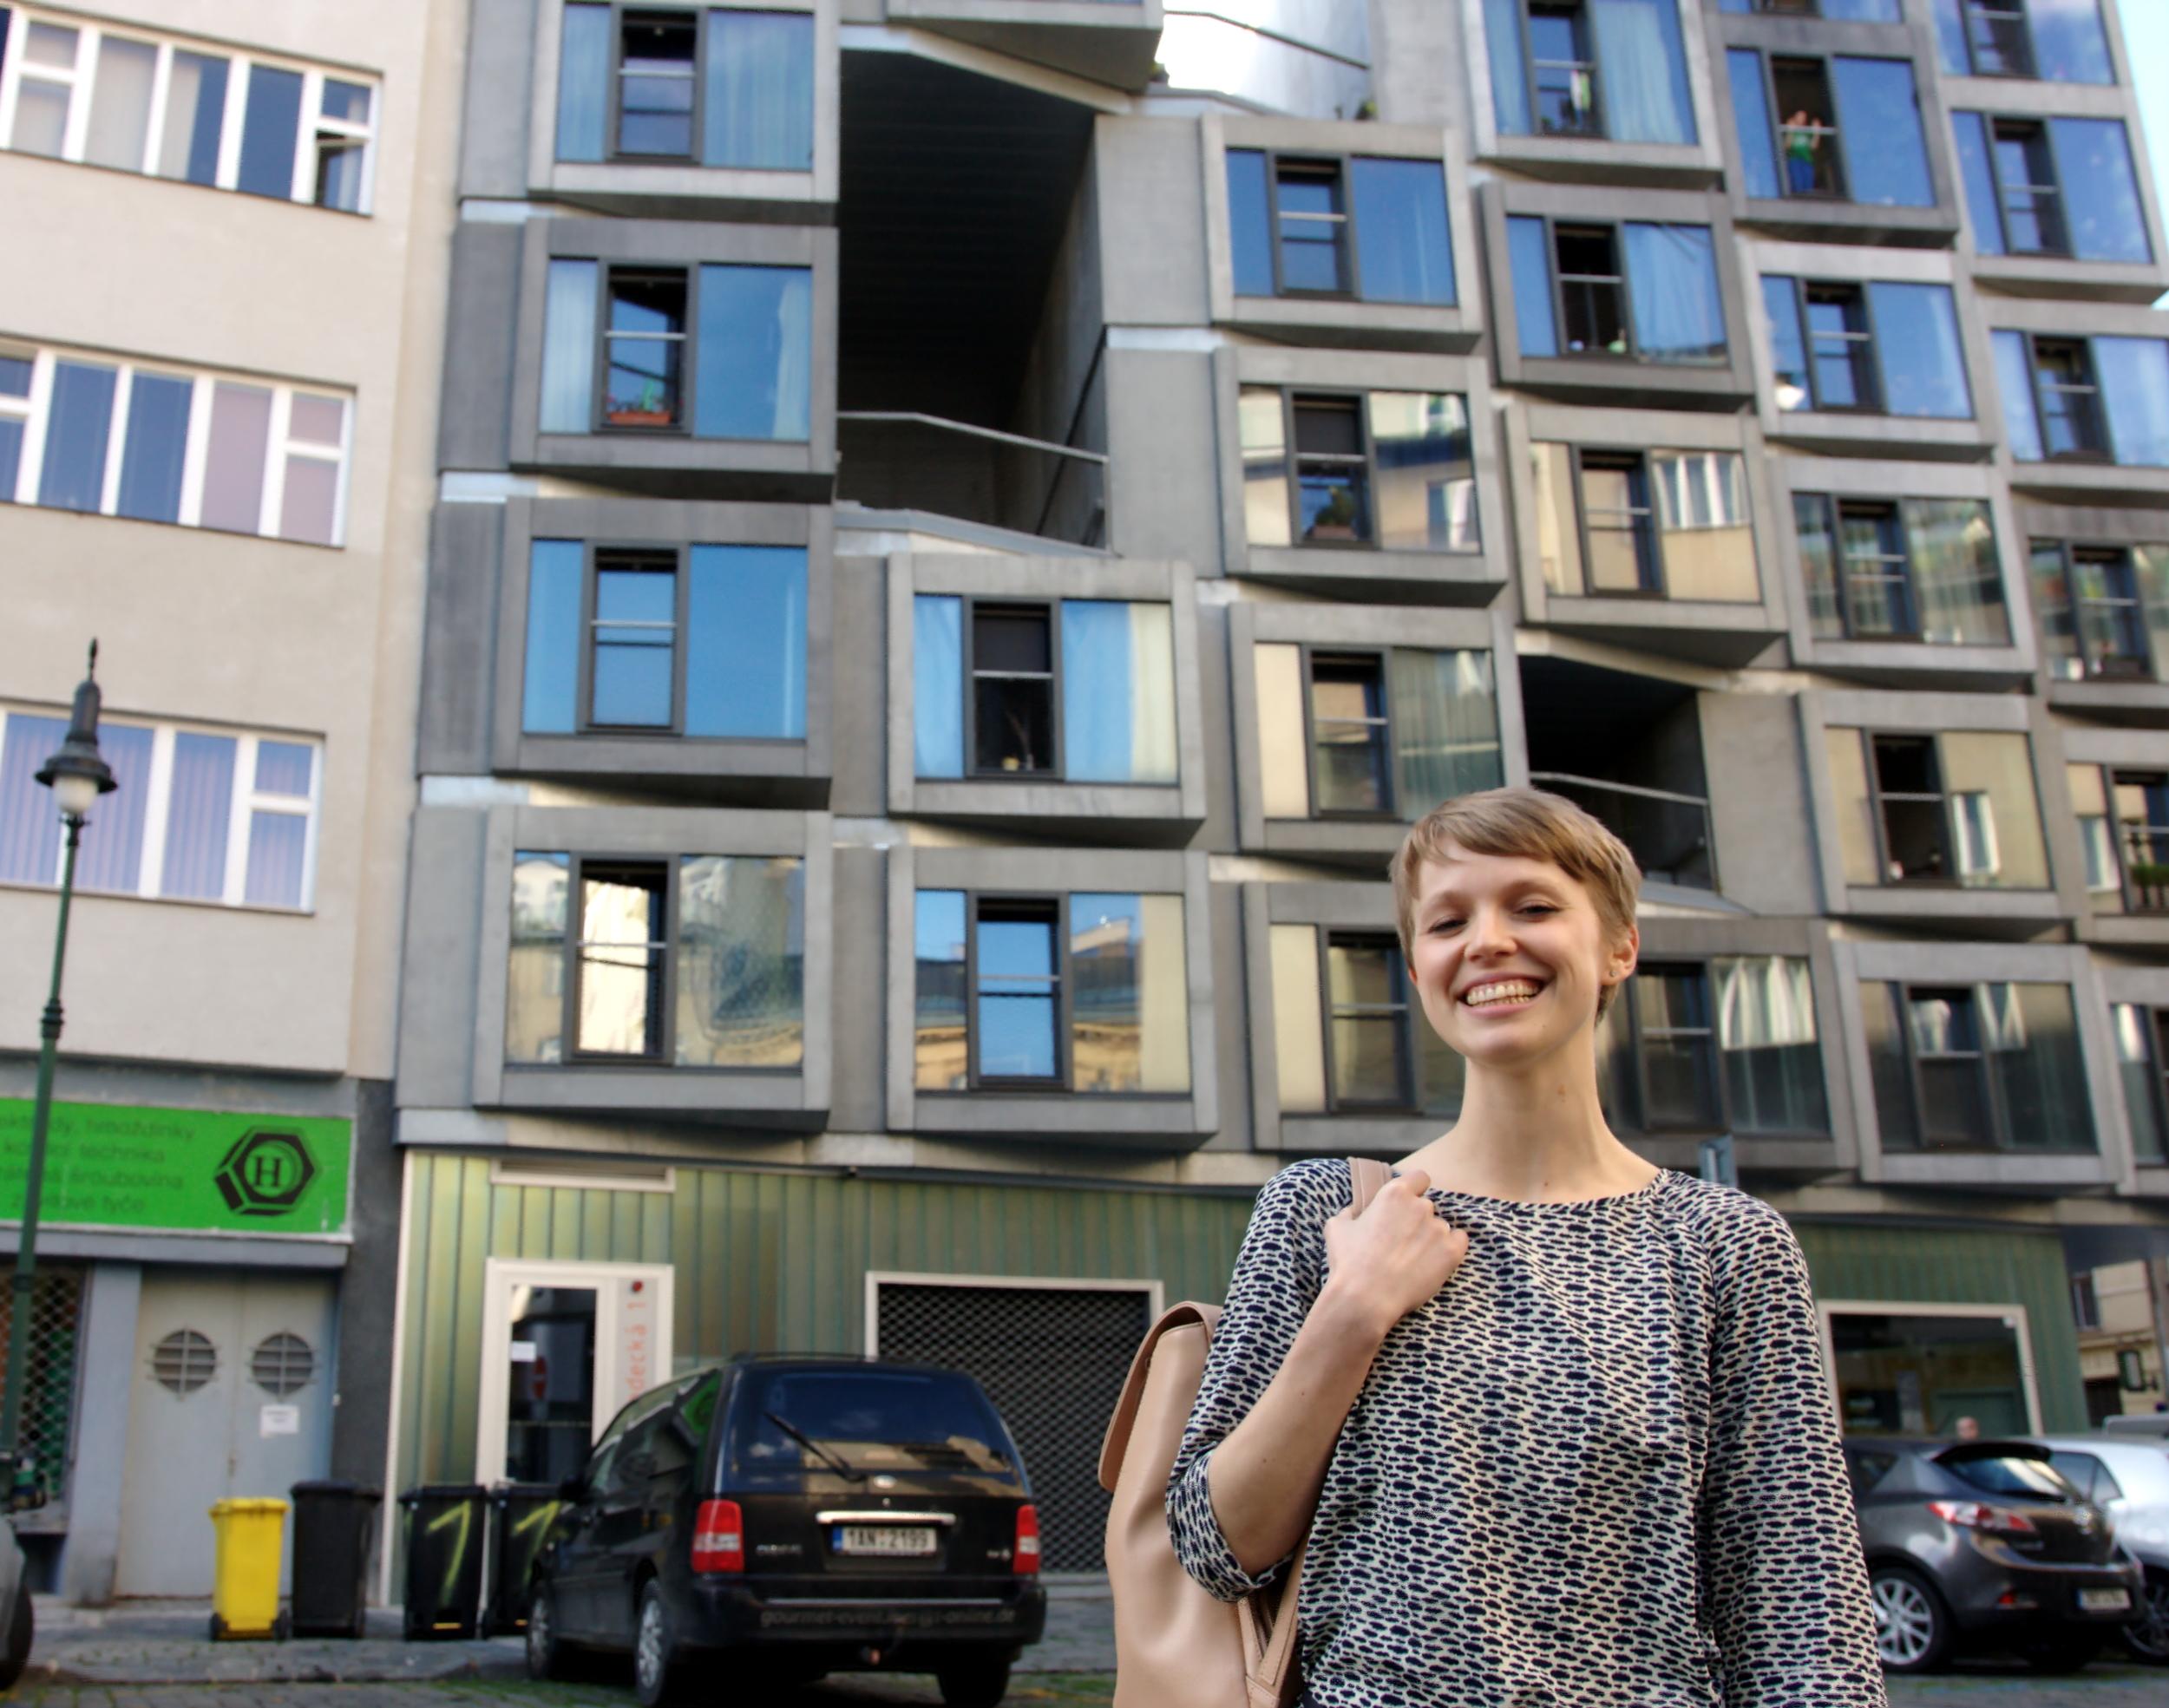 Andrea Průchová foto: Monika Grilli Wagnerová (c)